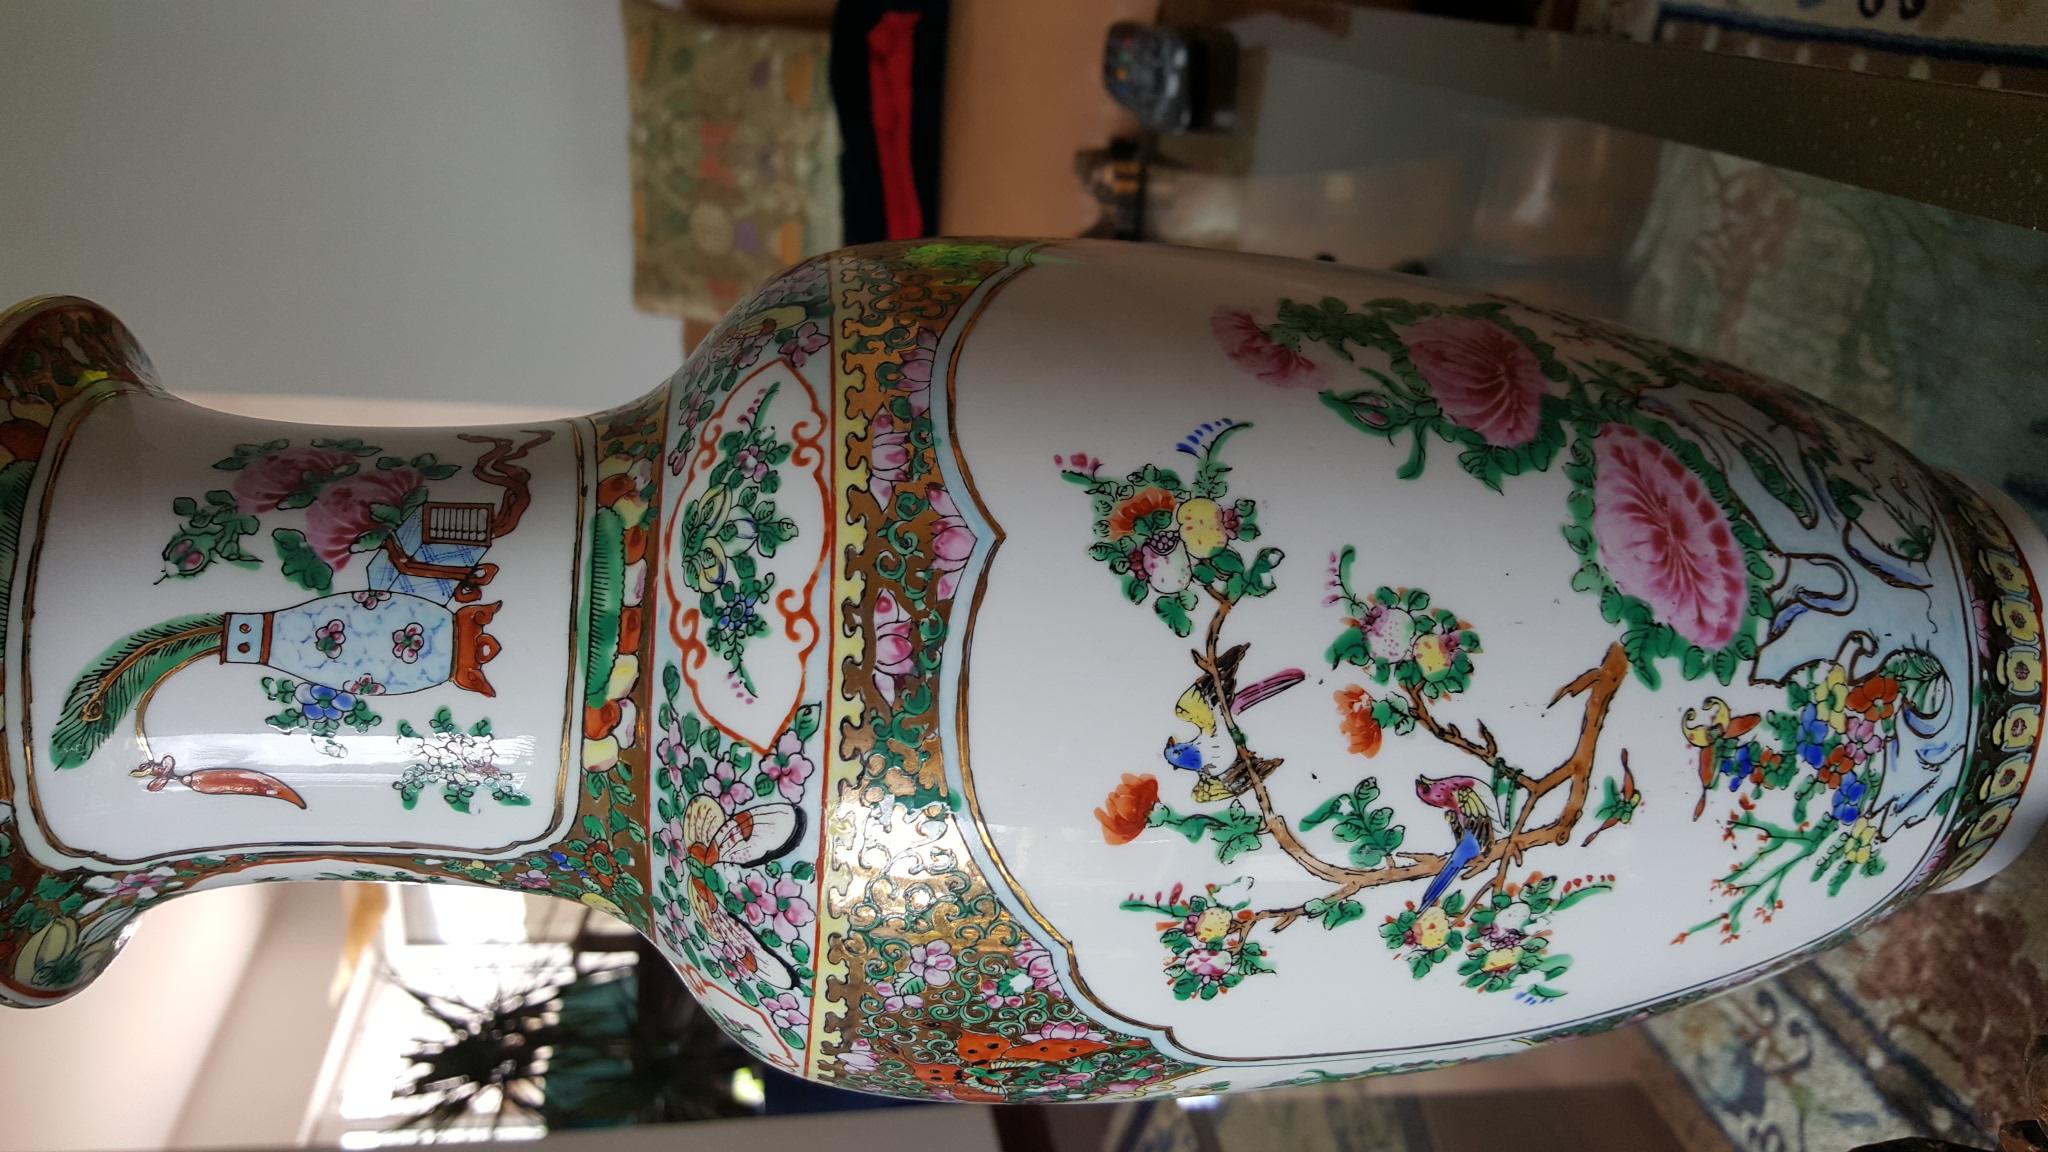 Chinesische oder japanische vase dekoration porzellan stempel - Japanische dekoration ...